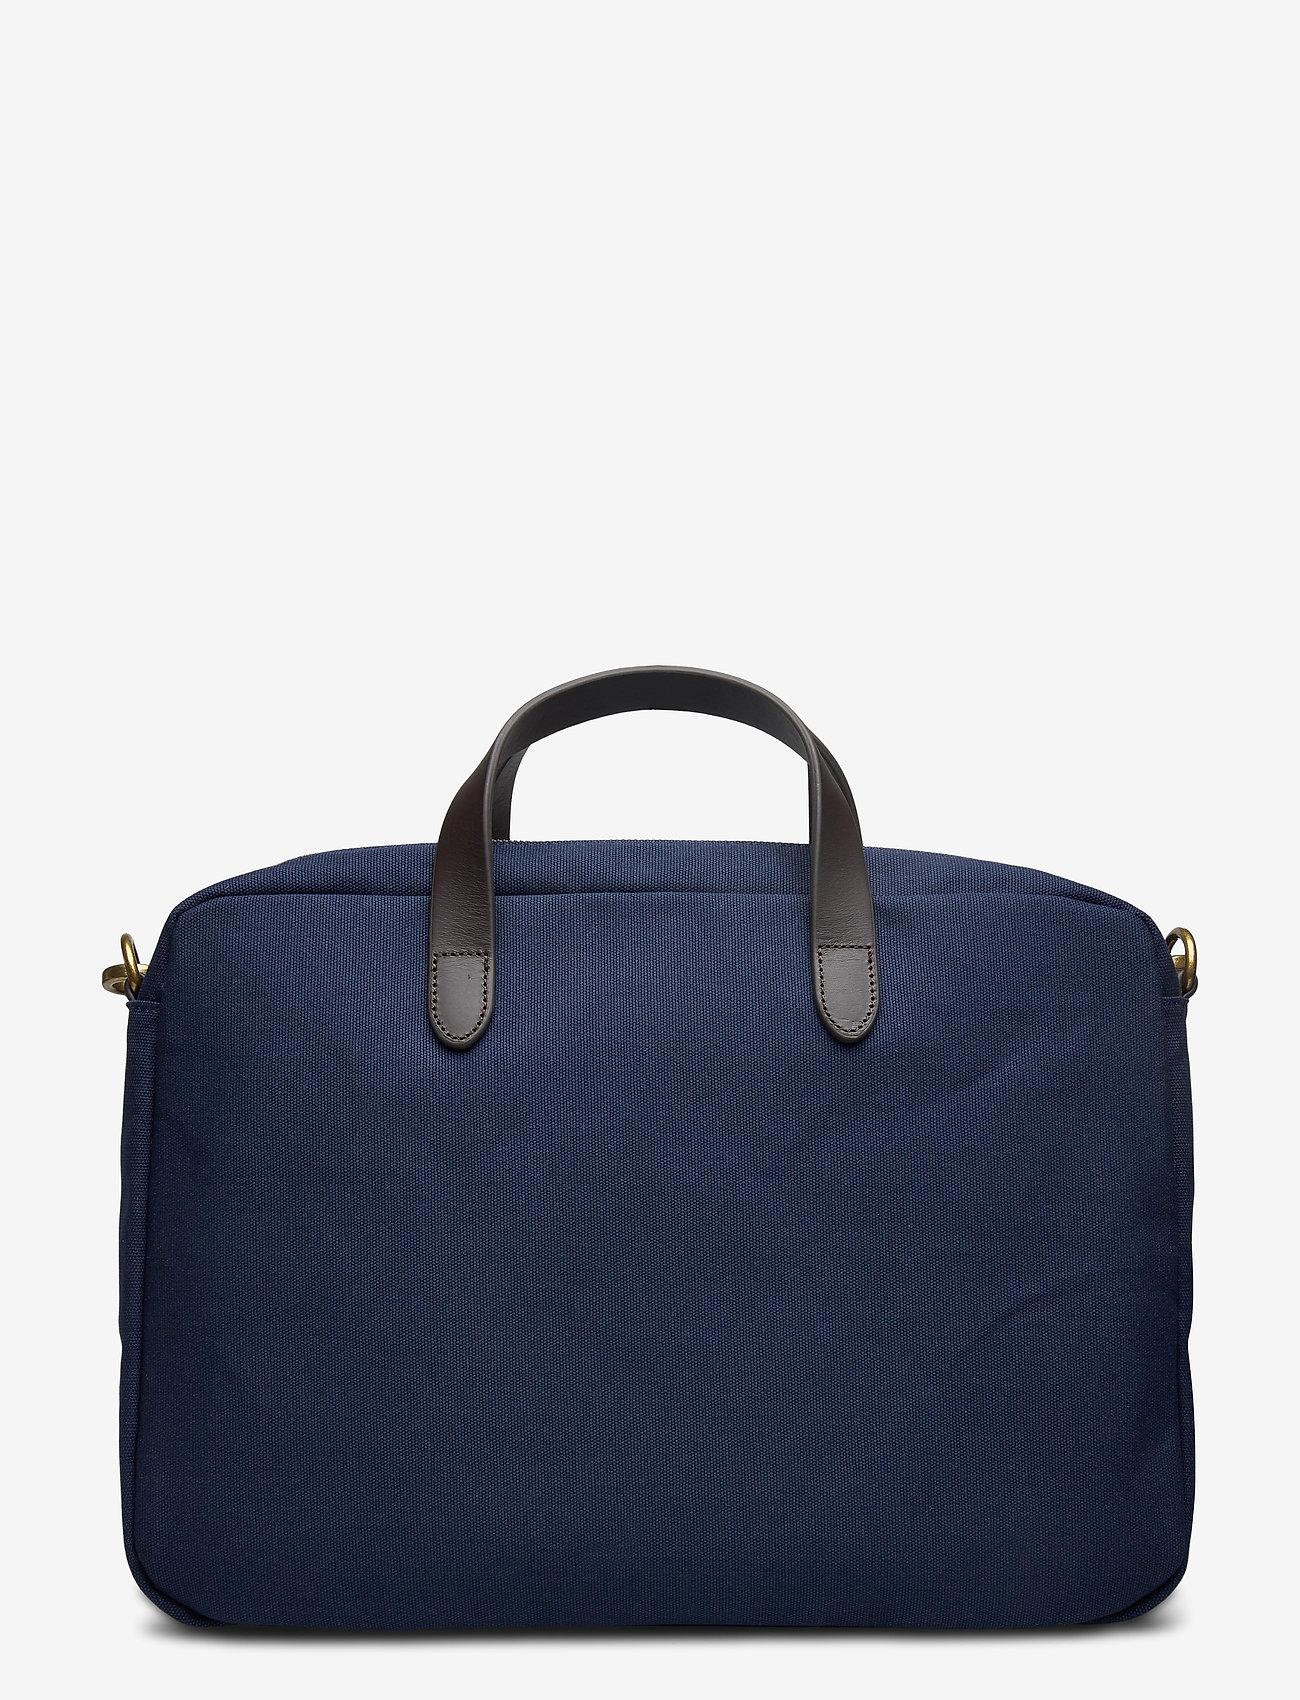 House Of Gant Office Bag (Marine) - Gant jDO0qP